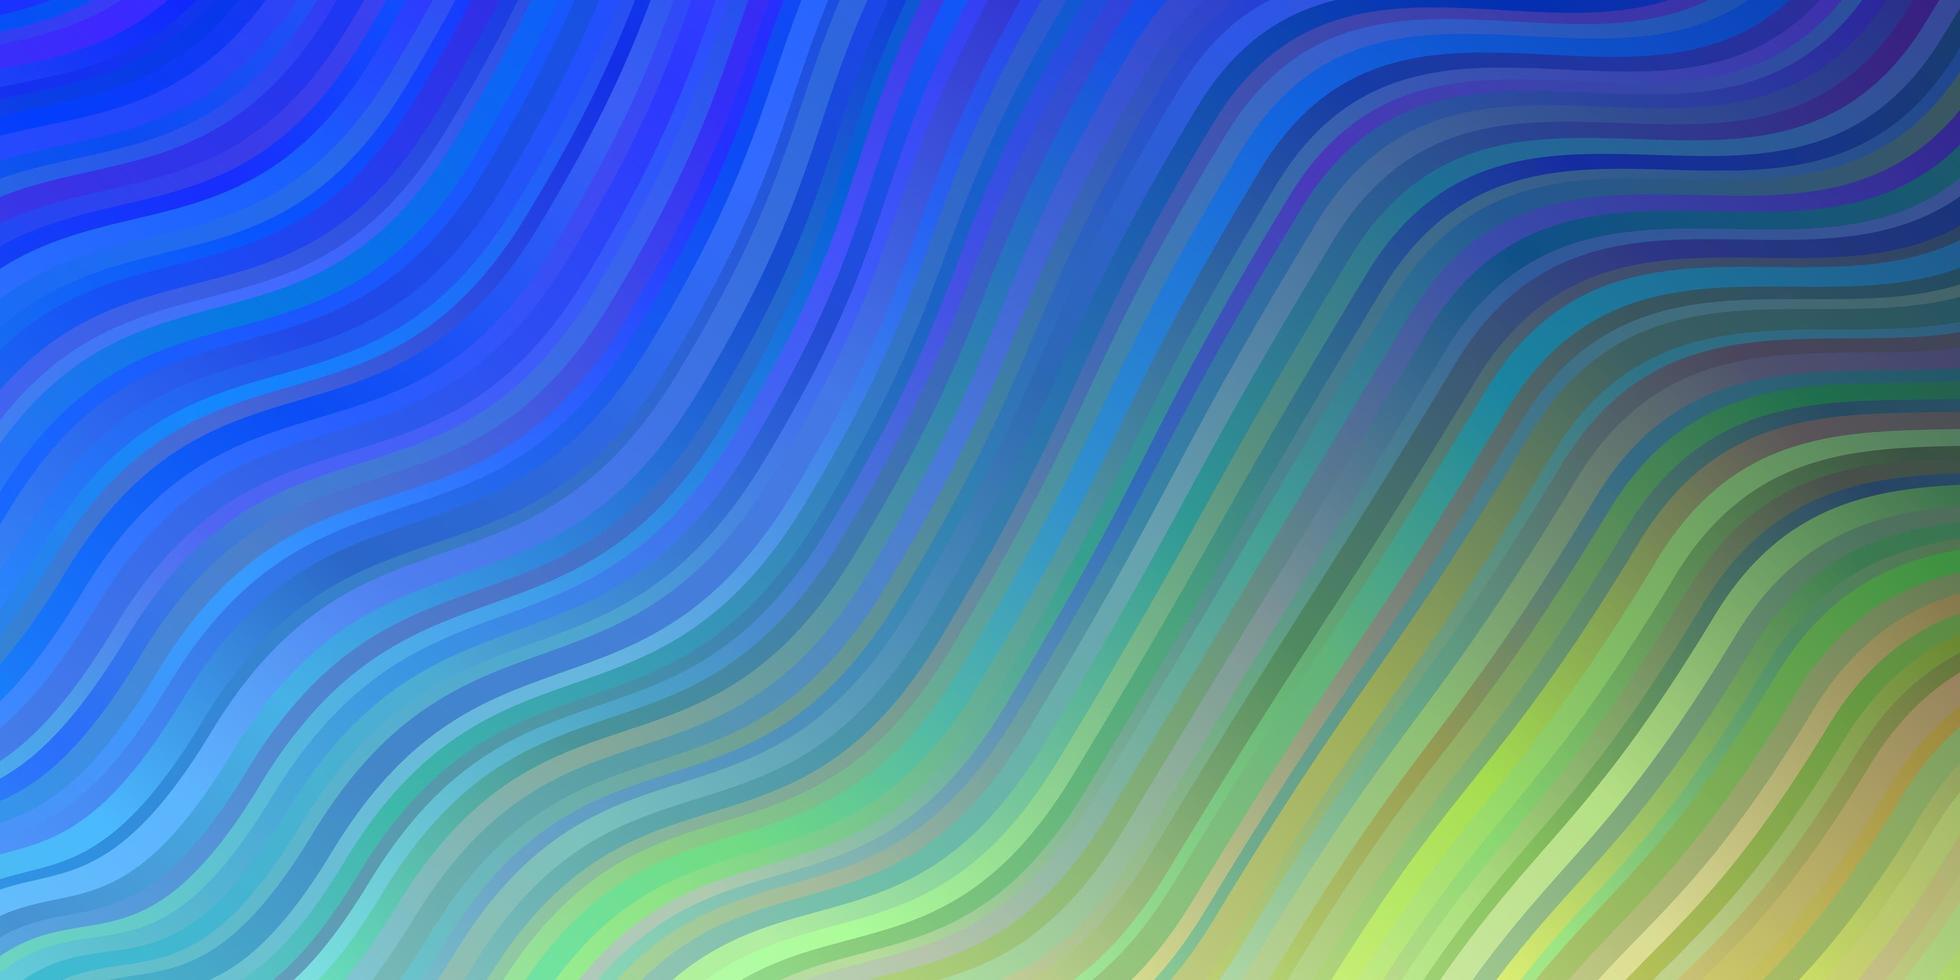 hellblauer, grüner Vektorhintergrund mit trockenen Linien. vektor